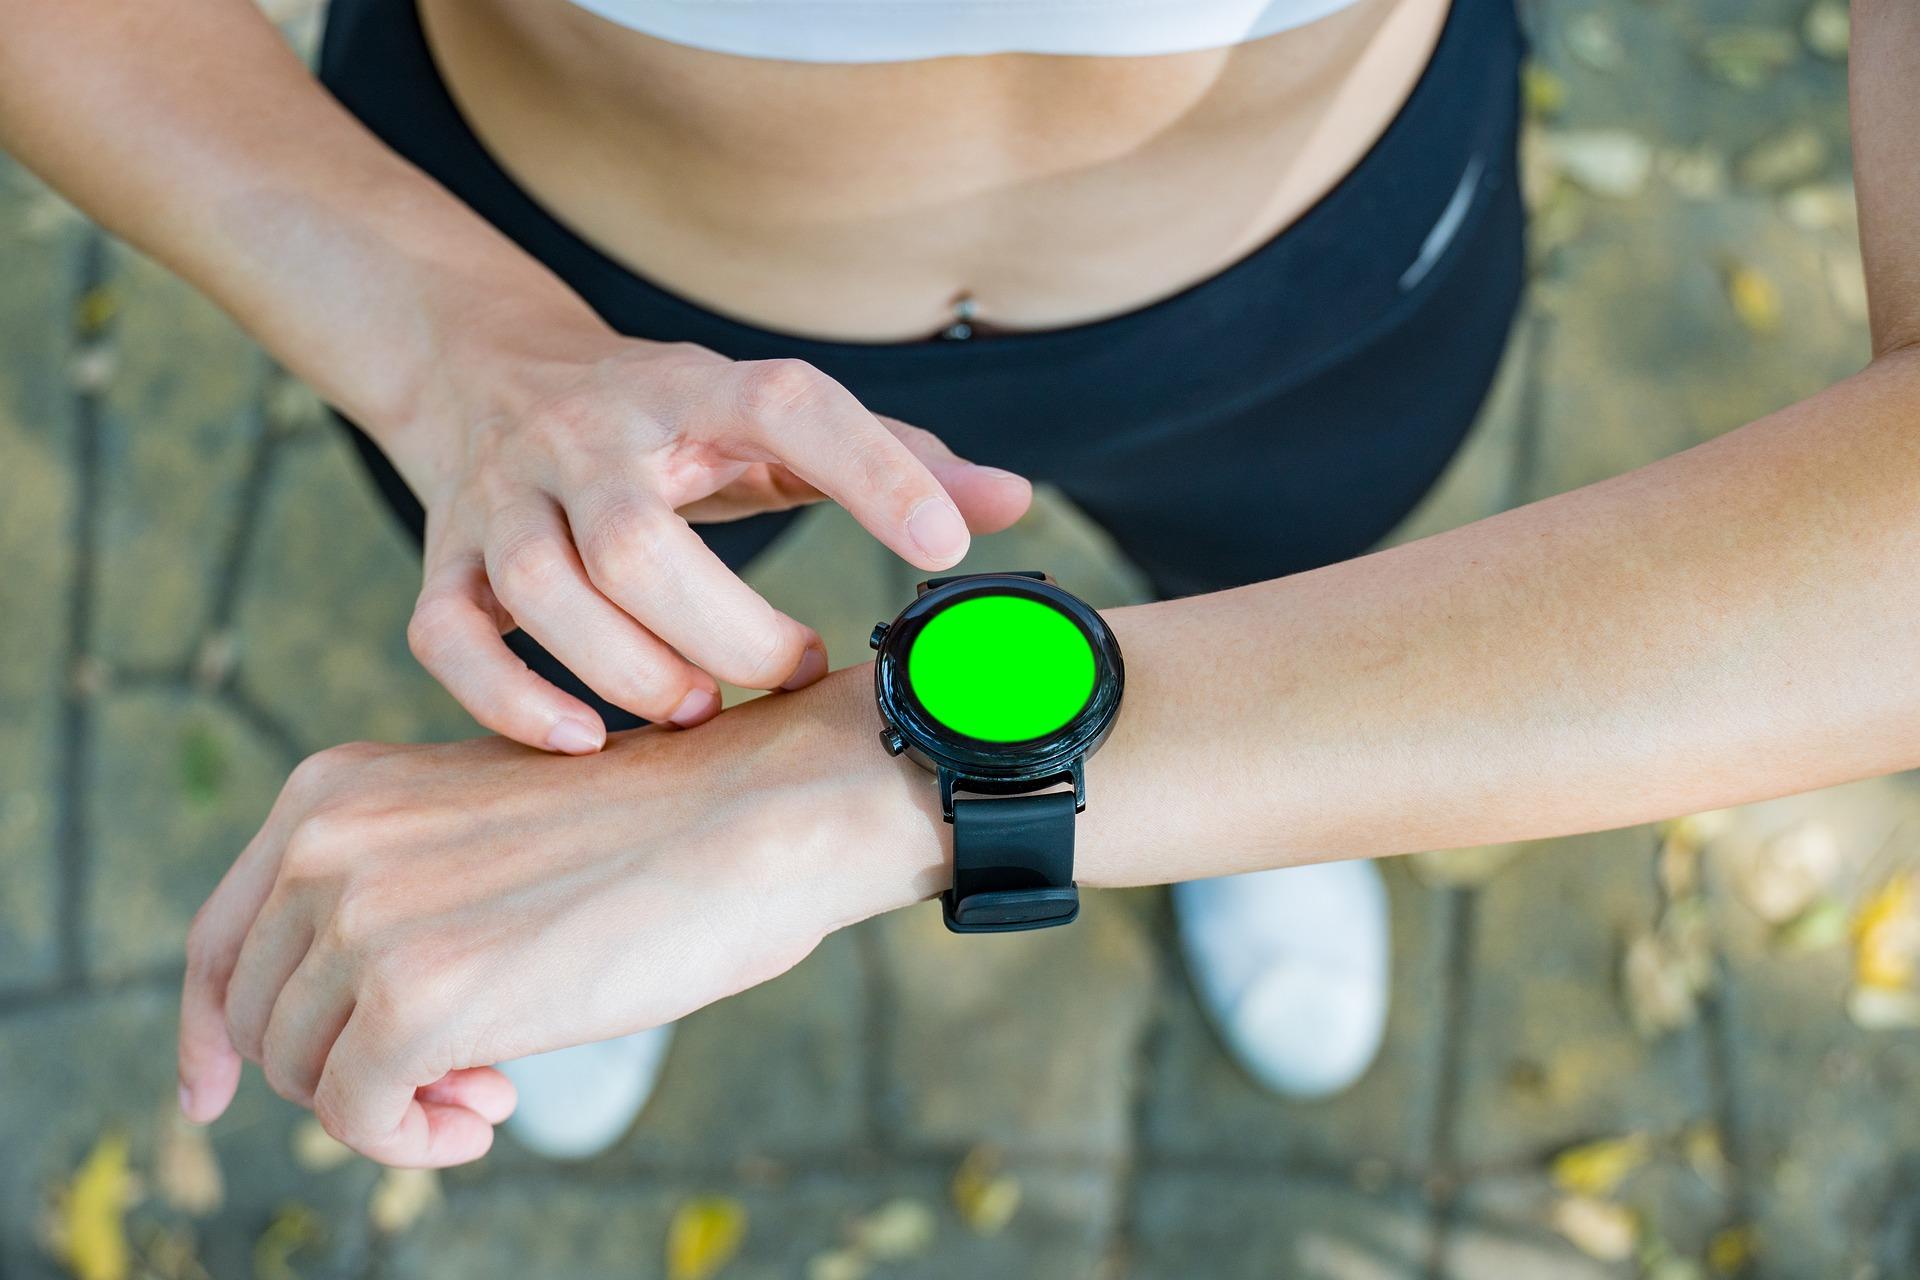 Chytré hodinky se stanou skvělými pomocníky hlavně při sportu.